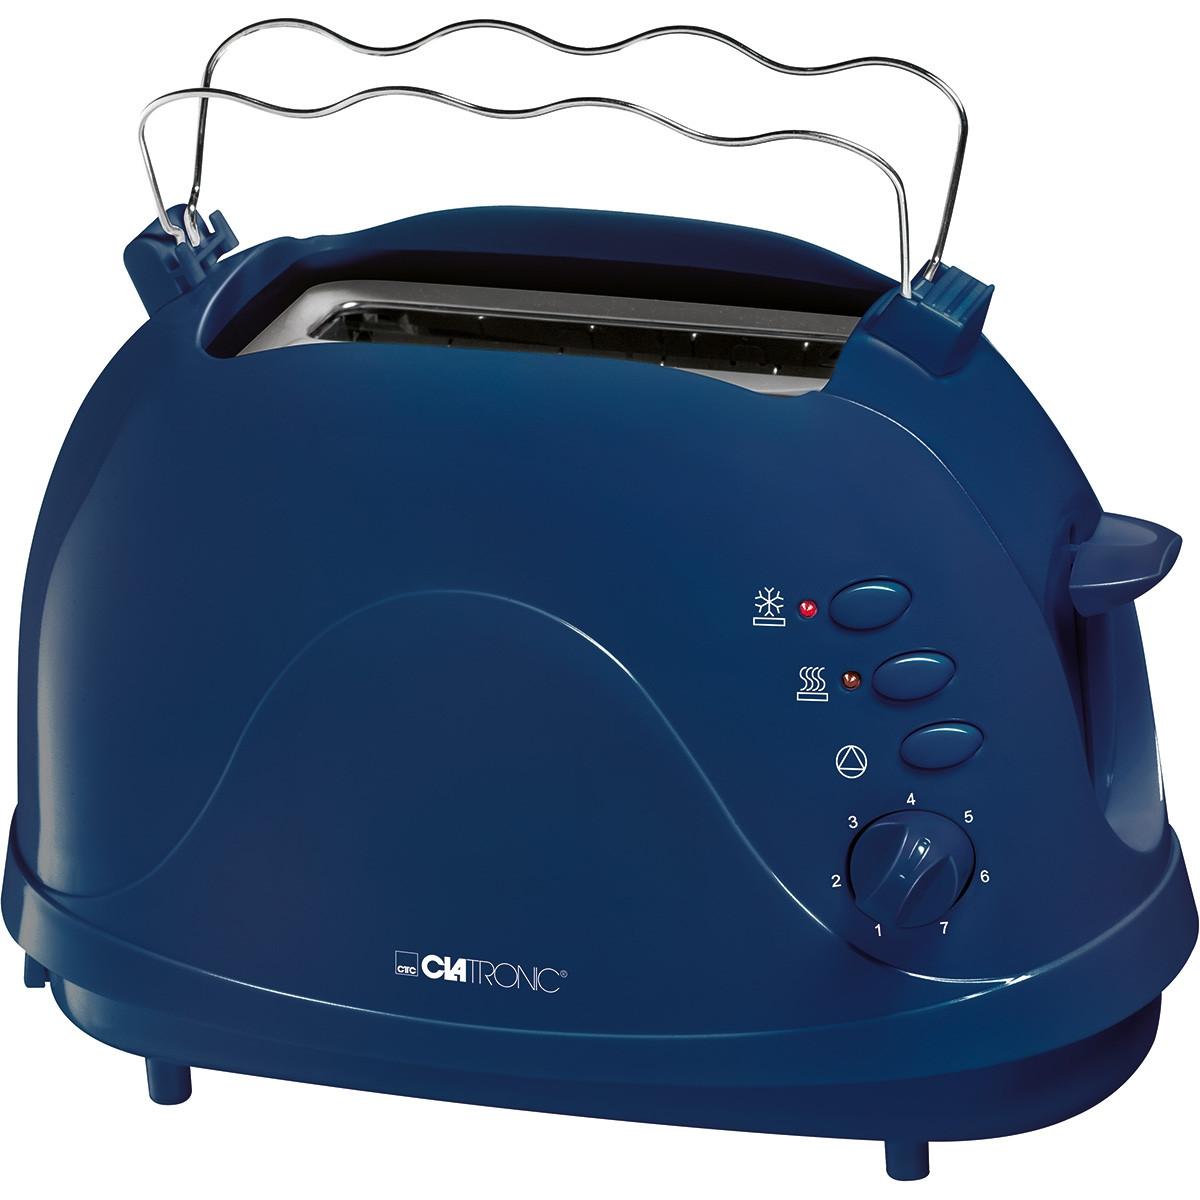 Clatronic Tostador 2 rebanadas TA 3565 Azul